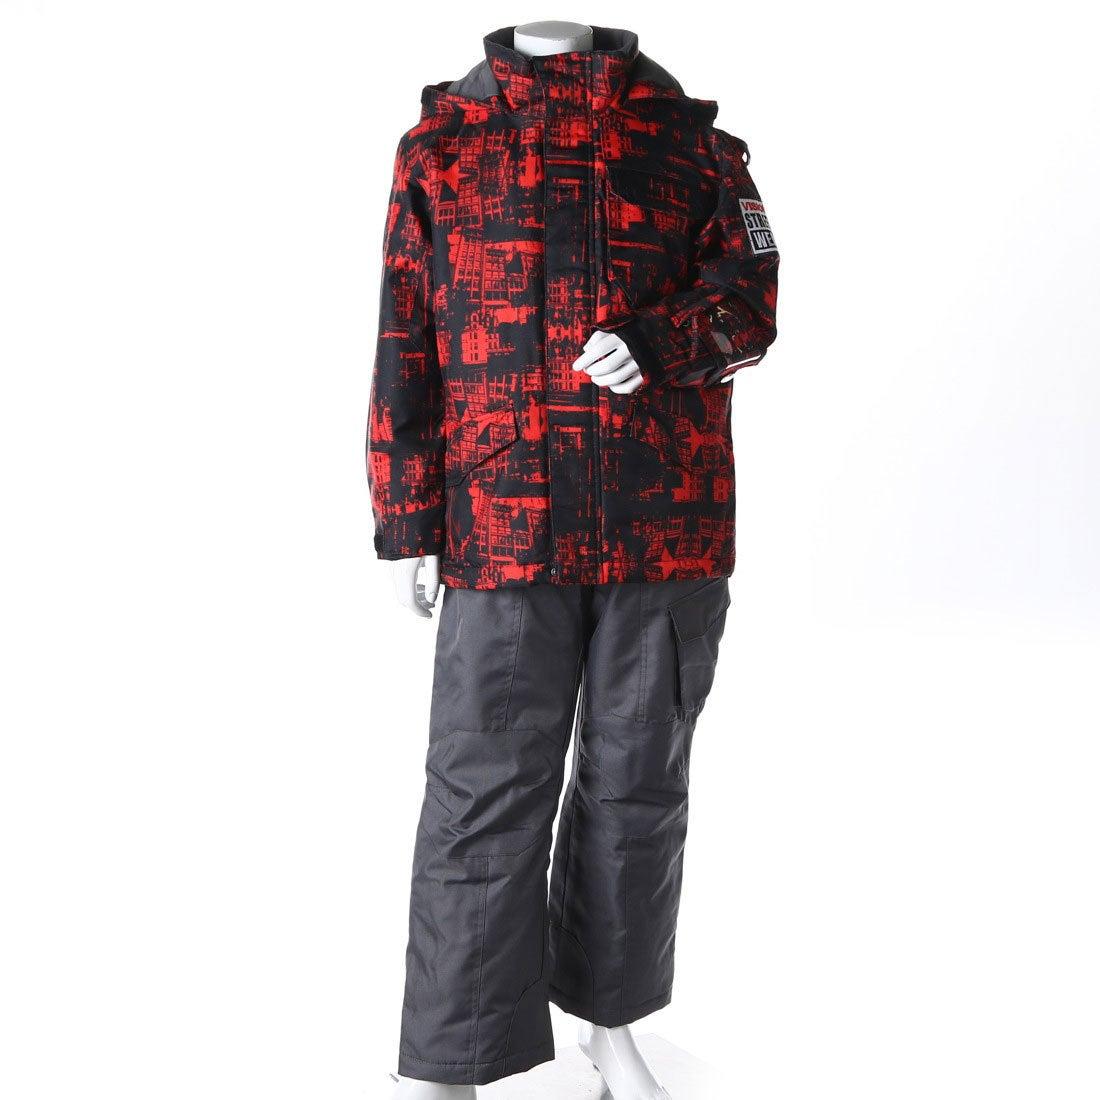 ロコンド 靴とファッションの通販サイトビジョンVISIONジュニアスキーウェア上下セットボーイズスキーウェアーVSB-3230